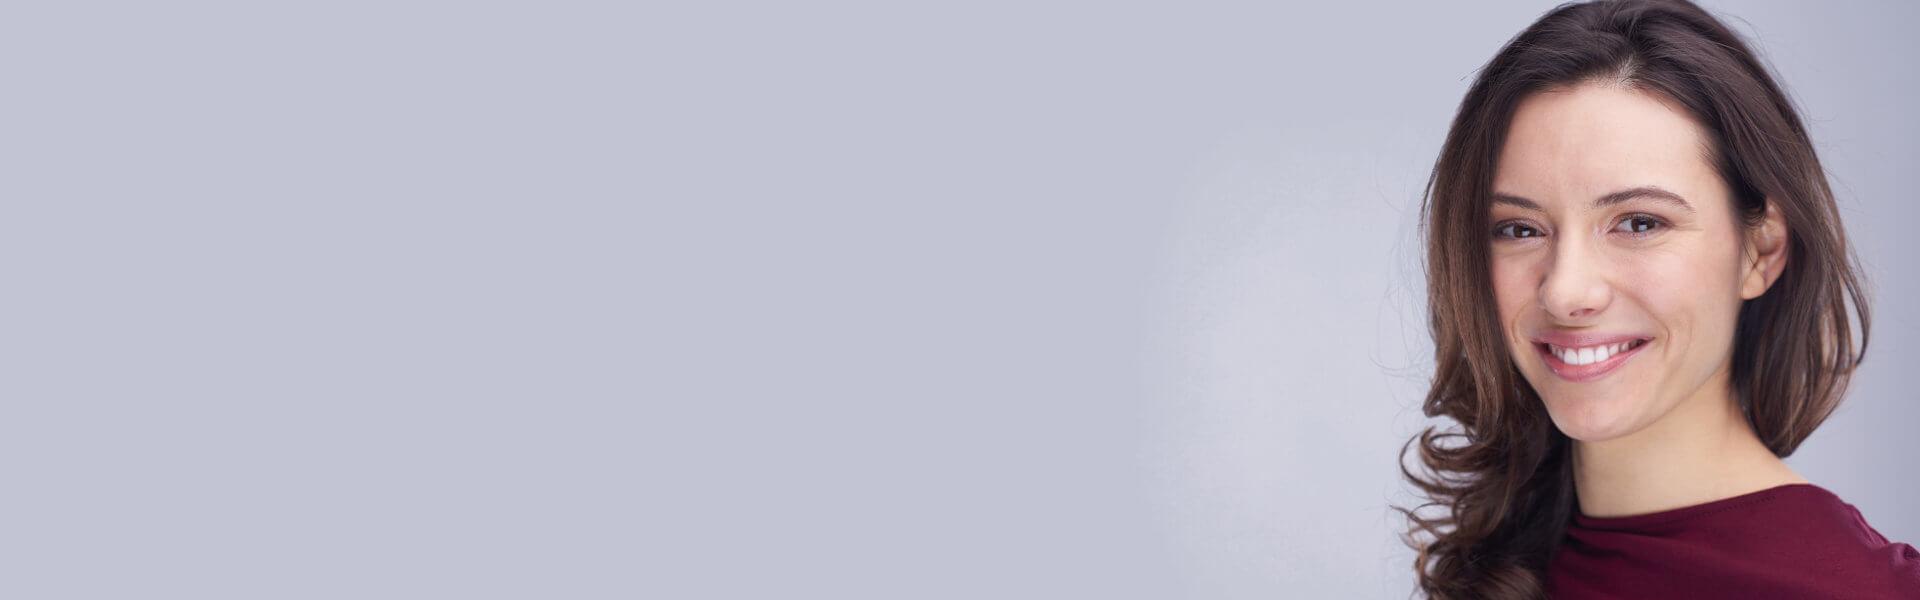 Dentysta Tczew - Jedności Narodu 27A - Leczenie próchnicy